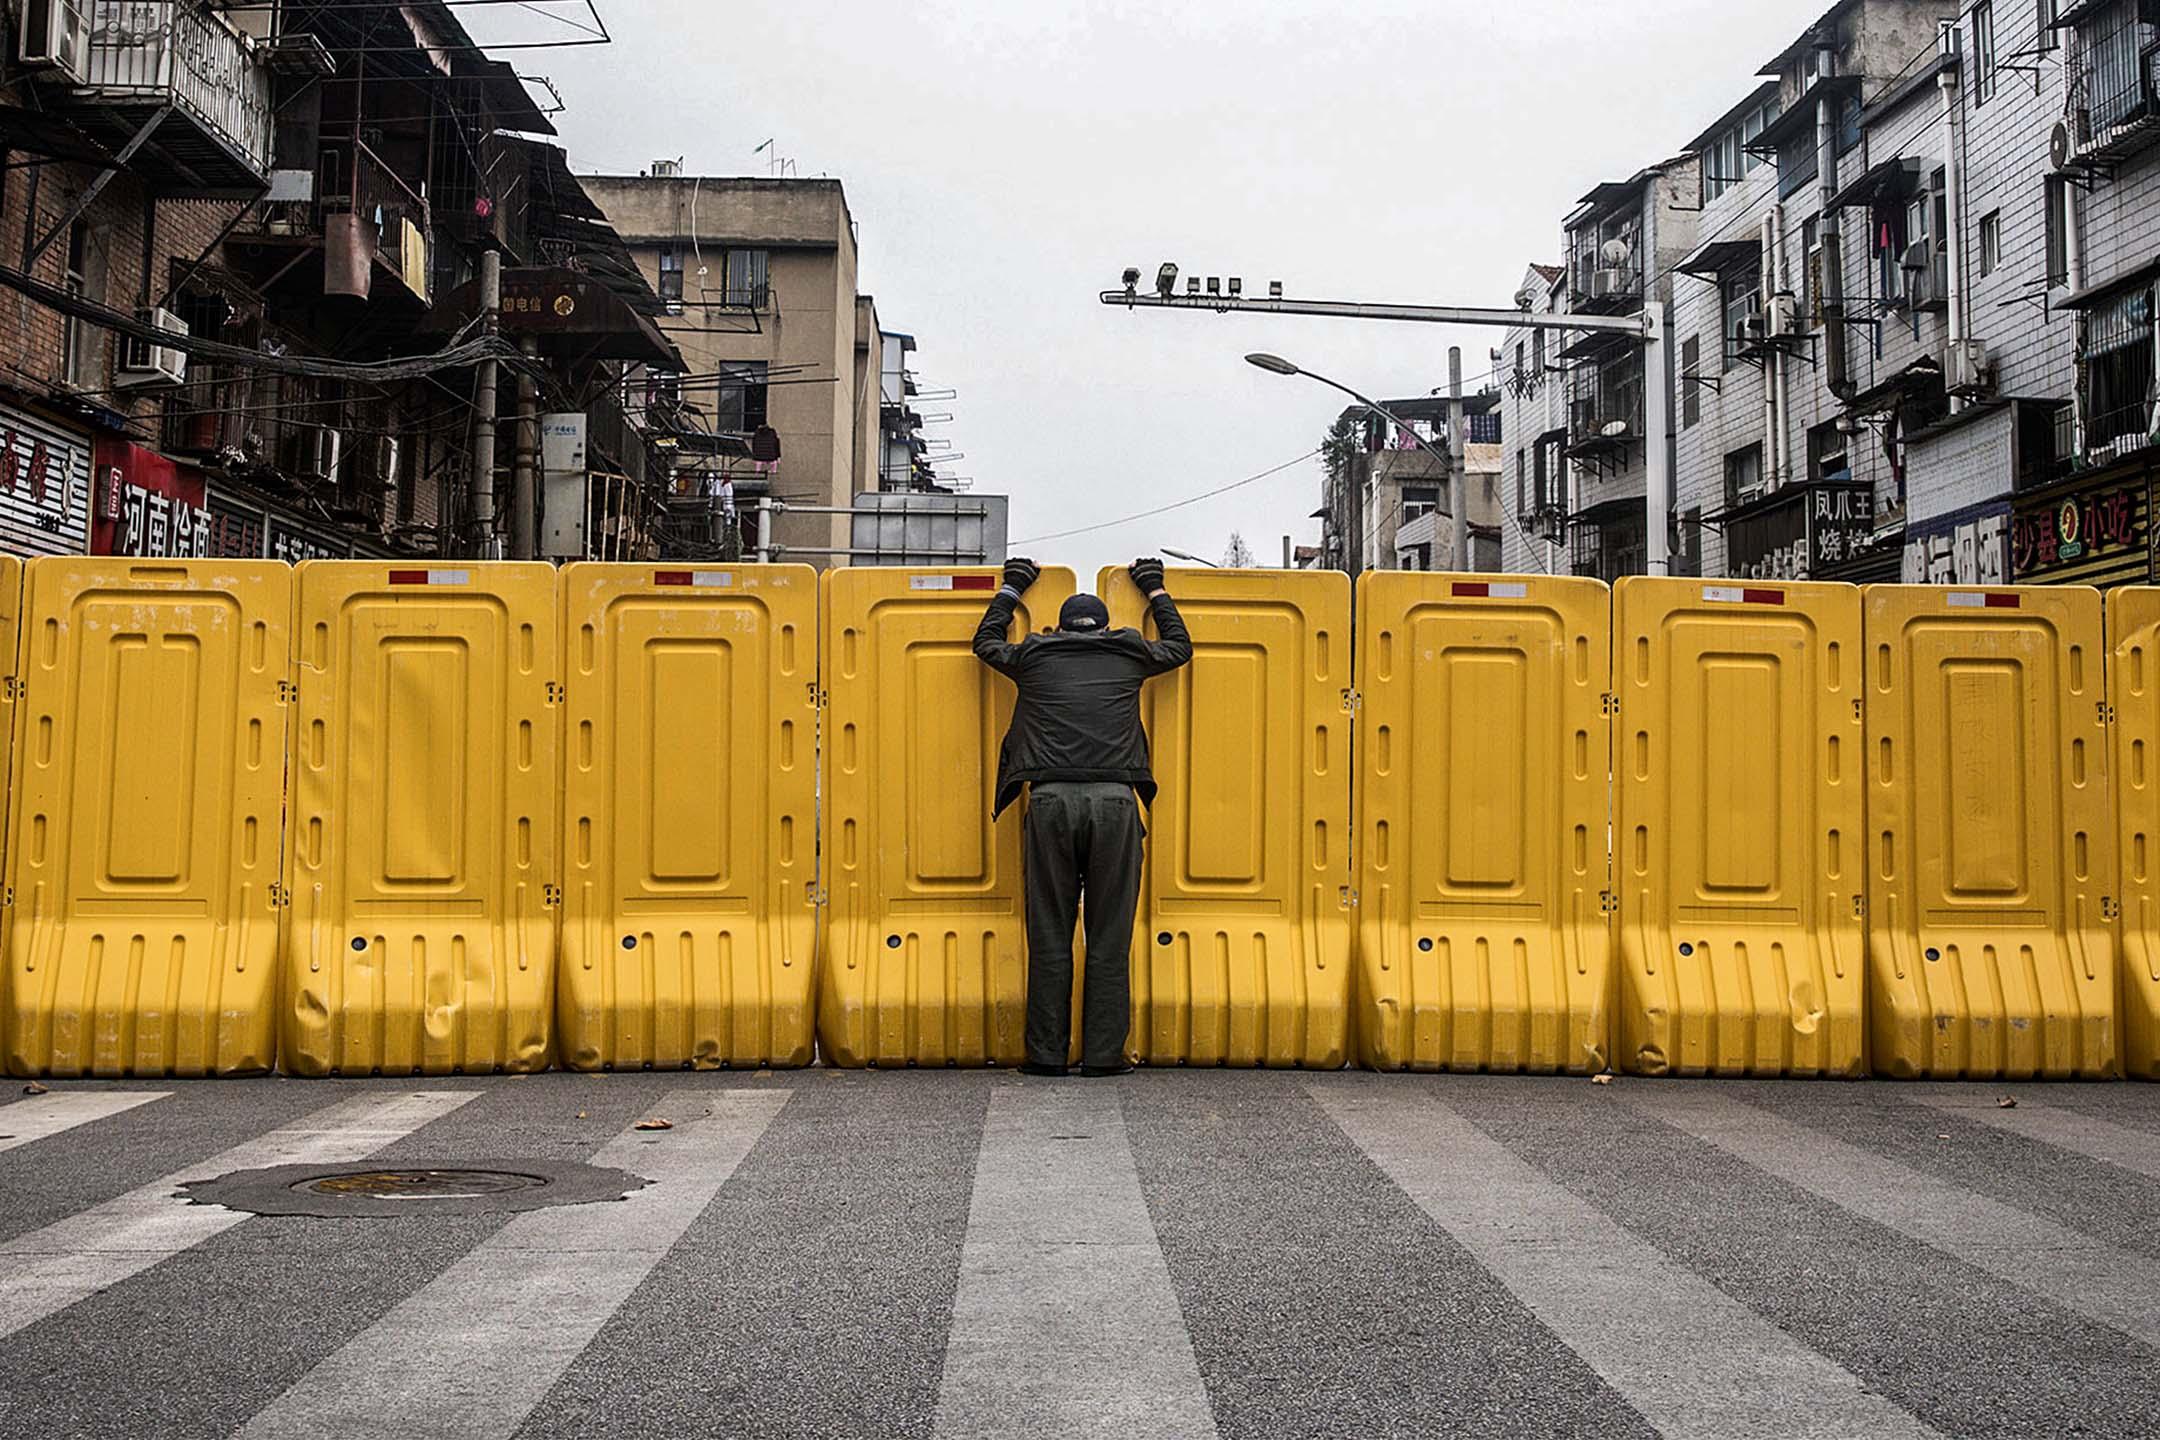 2020年3月08日中國武漢,一個戴著口罩的男人在一個臨時的隔離牆前與另一人交談,該牆是為限制住宅區居民的出入。 圖:Getty Images